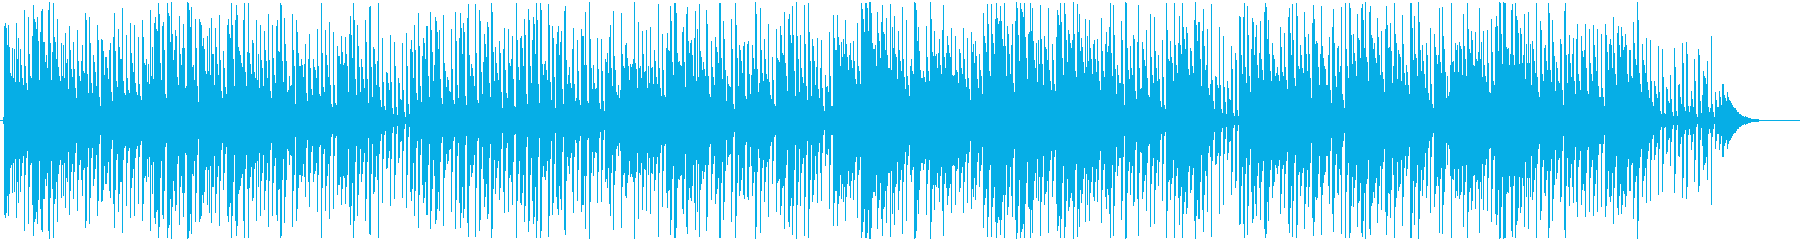 【生演奏】ギターとグロッケンのワルツの再生済みの波形